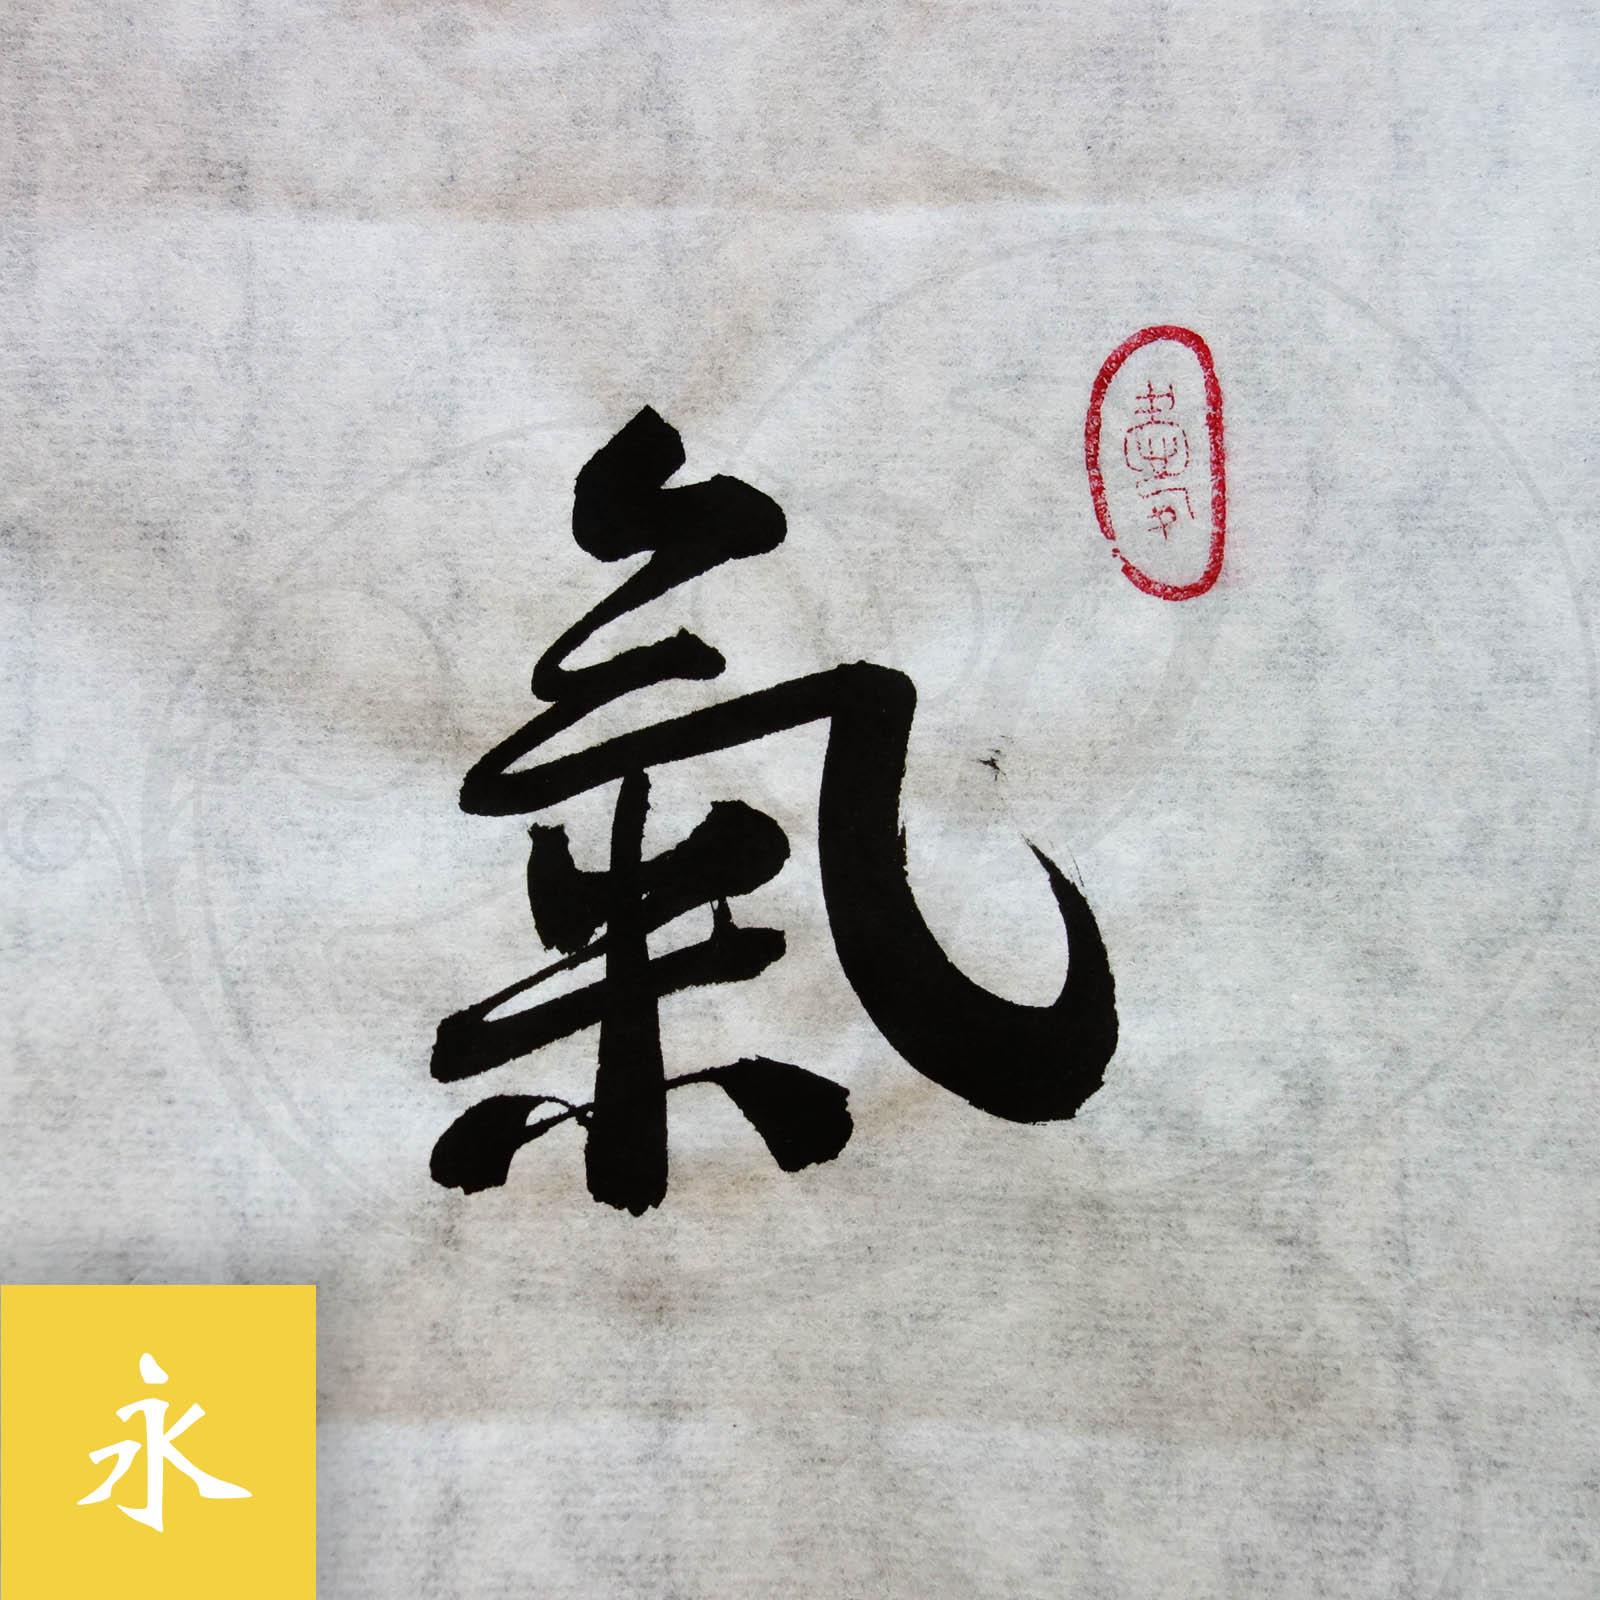 calligraphie-chinoise-vertus-xing-shu-chi-01